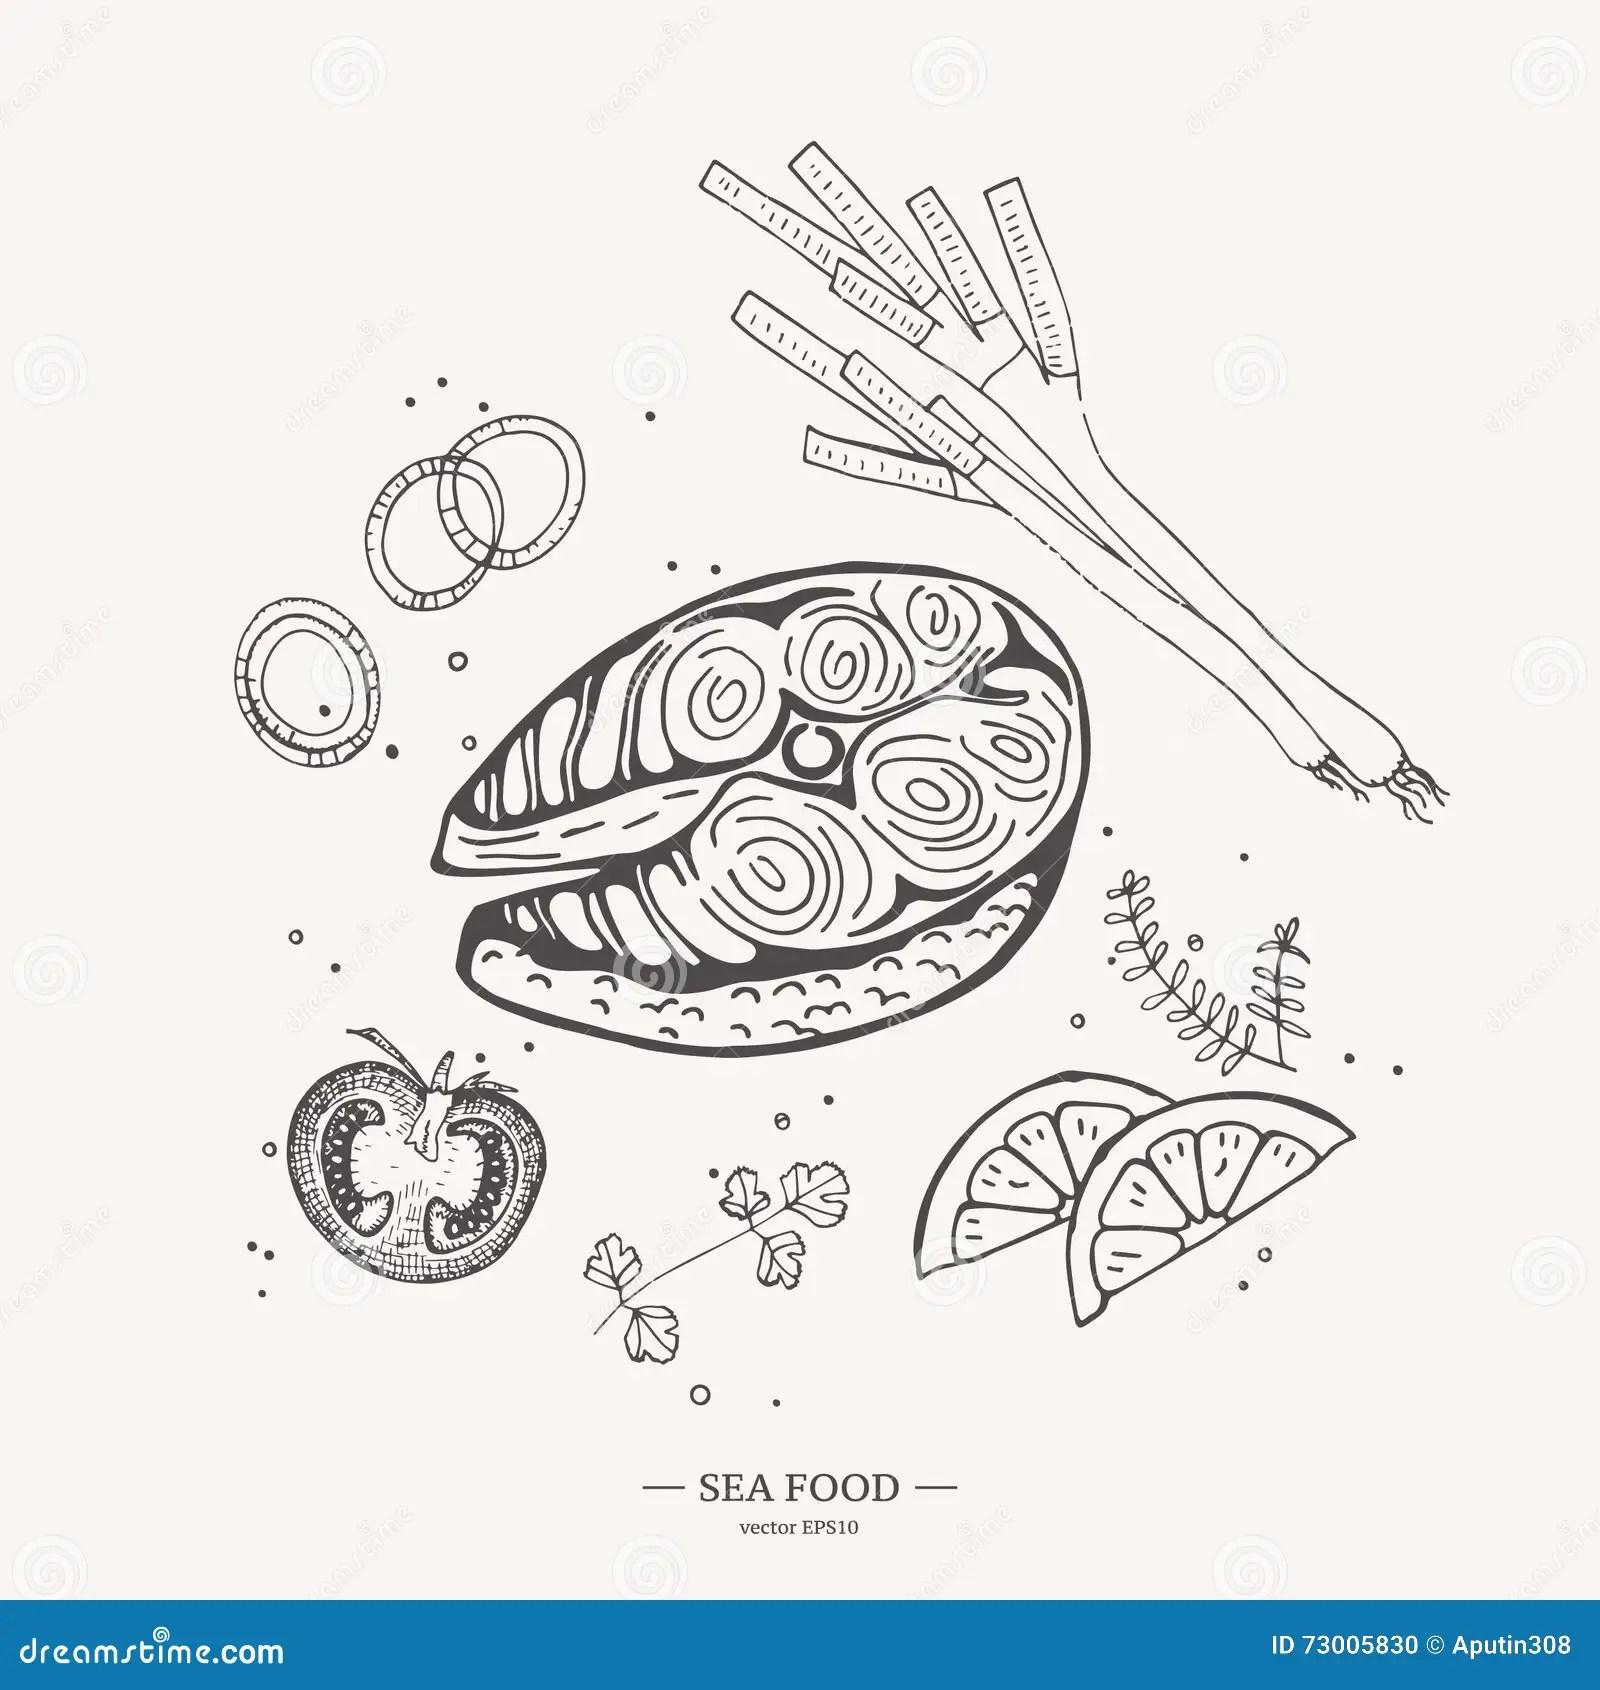 Fish Steak Cut